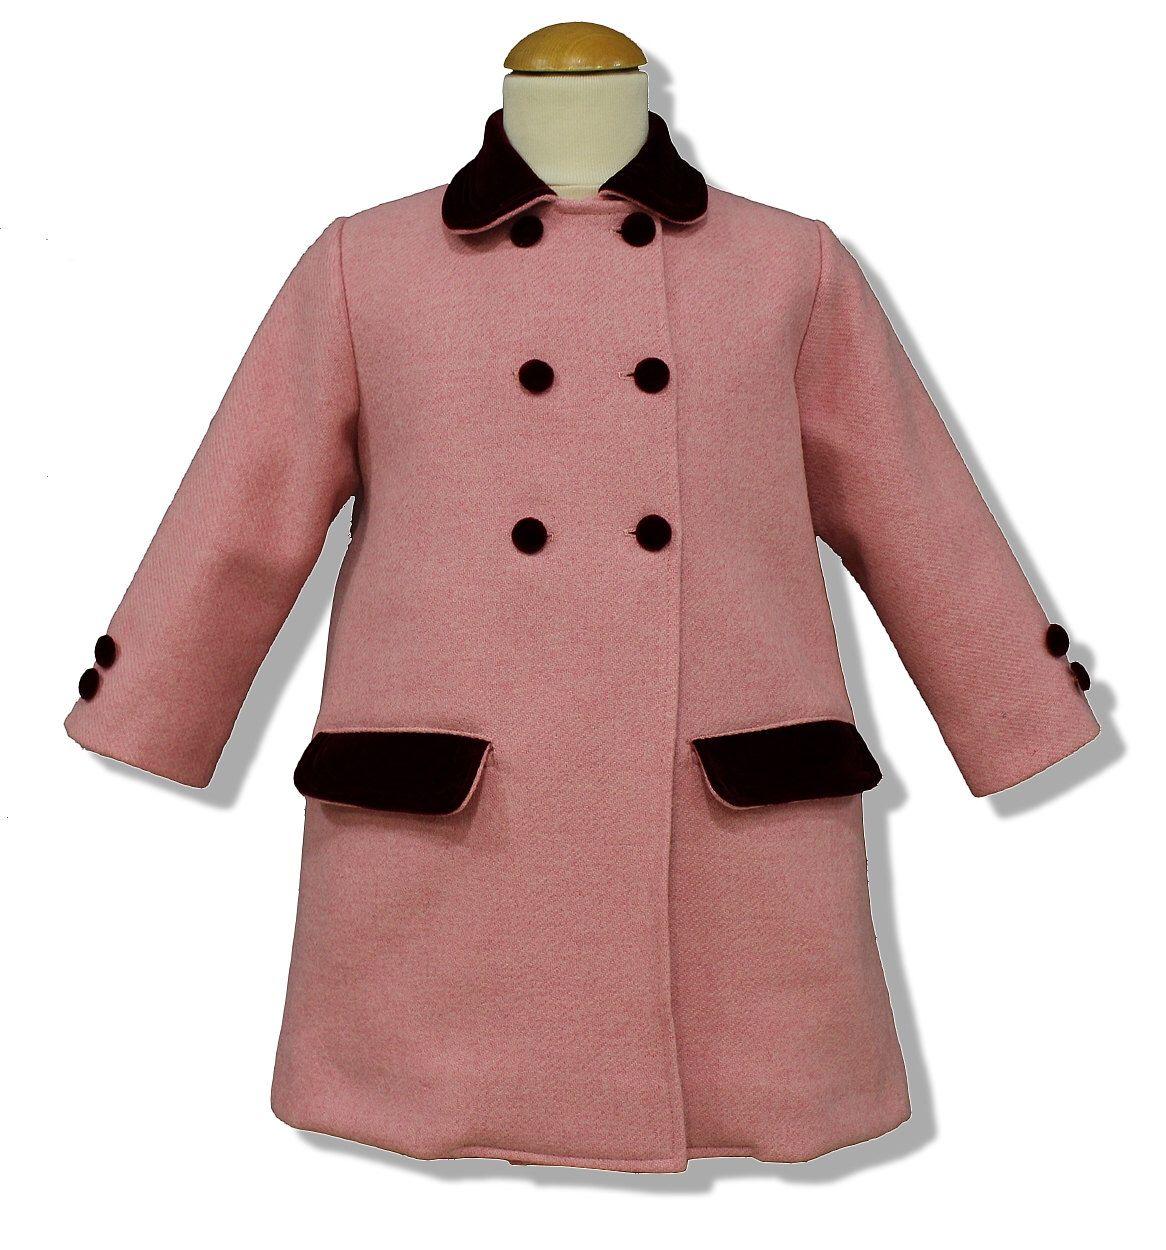 ad302fb9c Abrigo para niña modelo clásico inglés, en paño rosa con adornos en ...